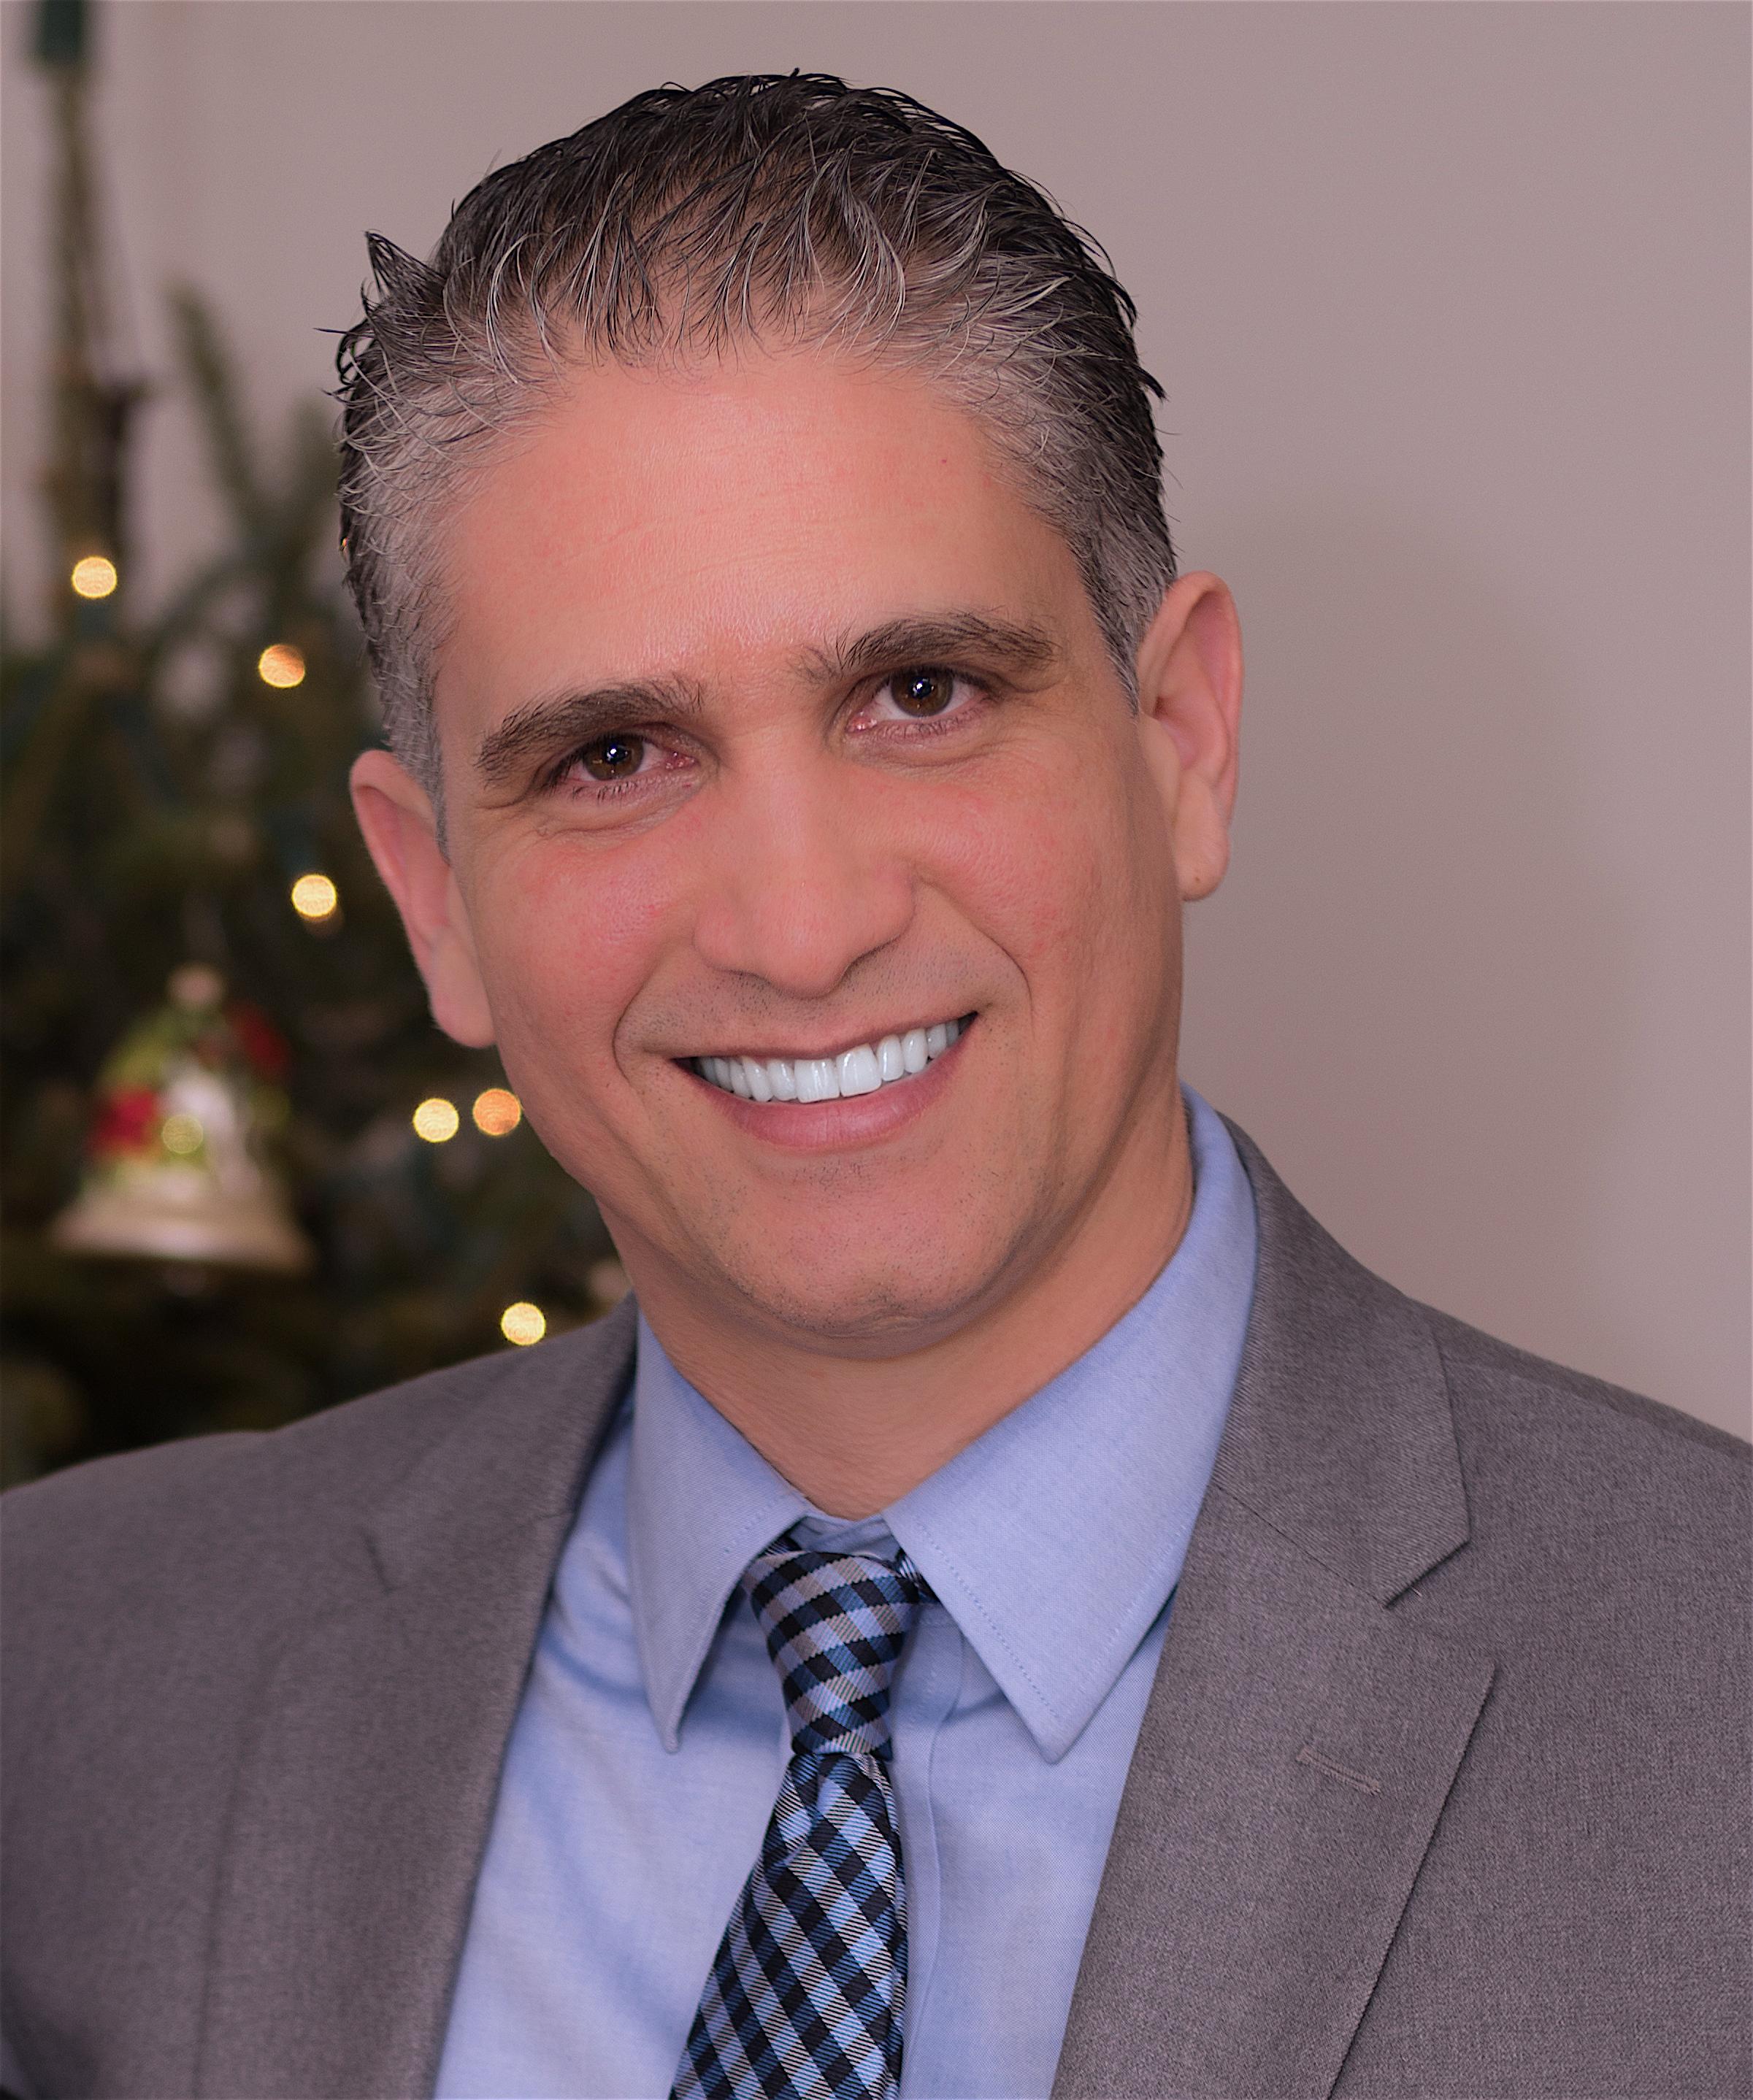 Jose Barreto